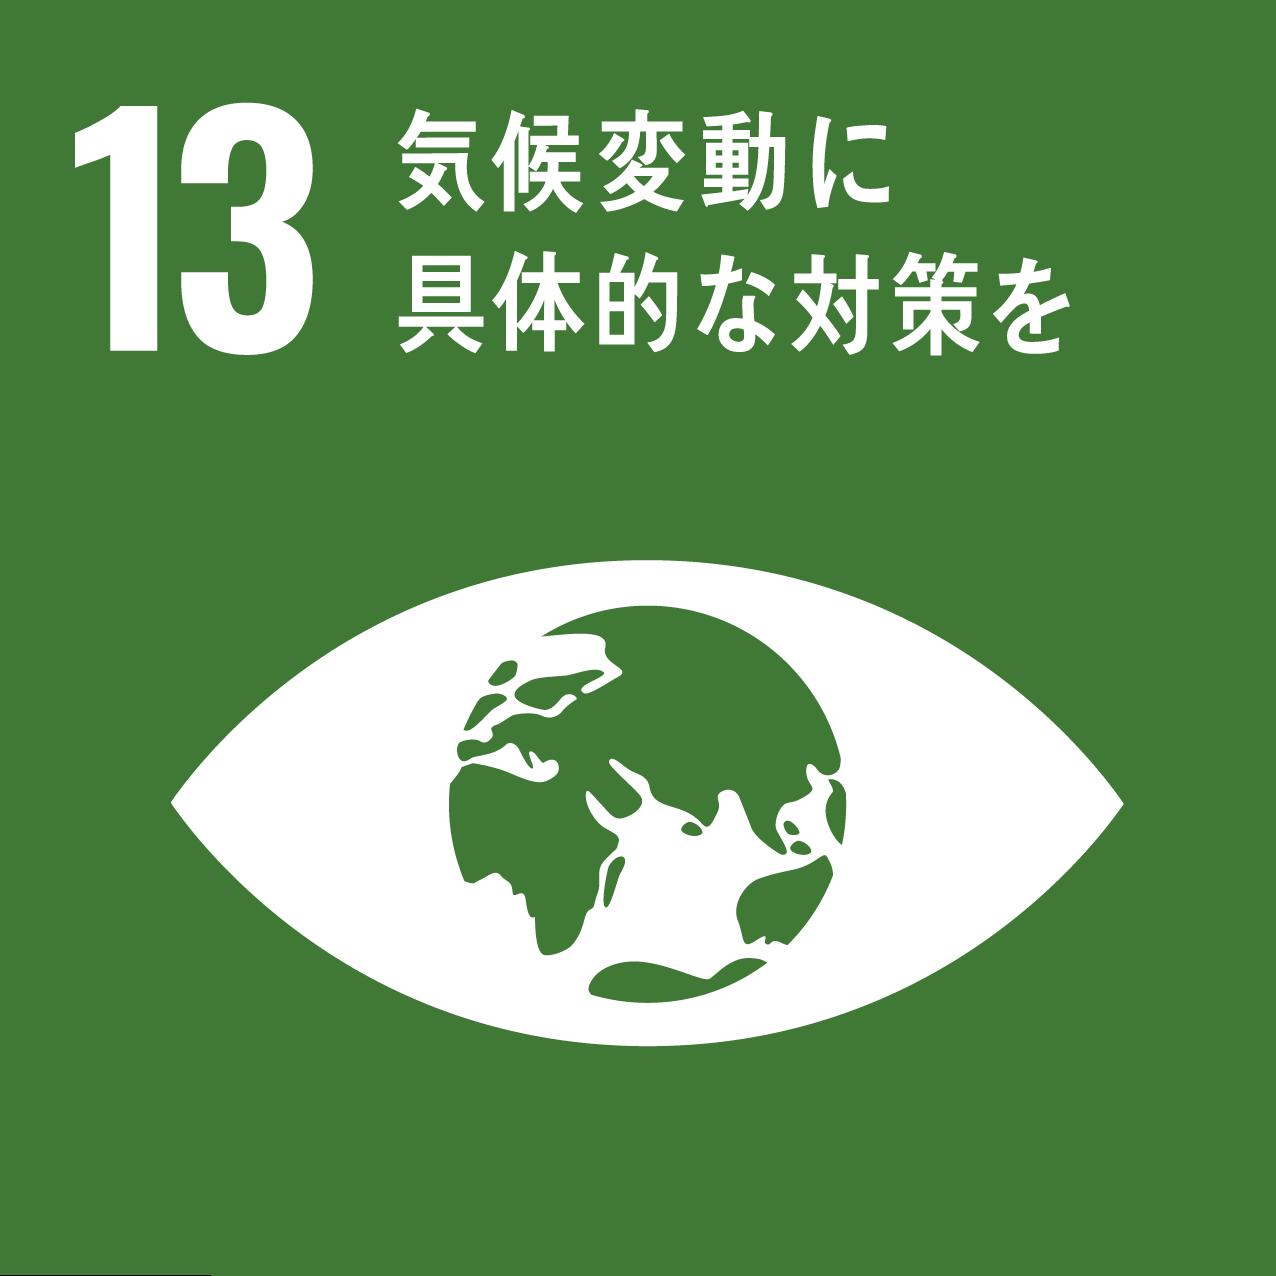 ハンドループのSDGs 13 気候変動に具体的な対策を